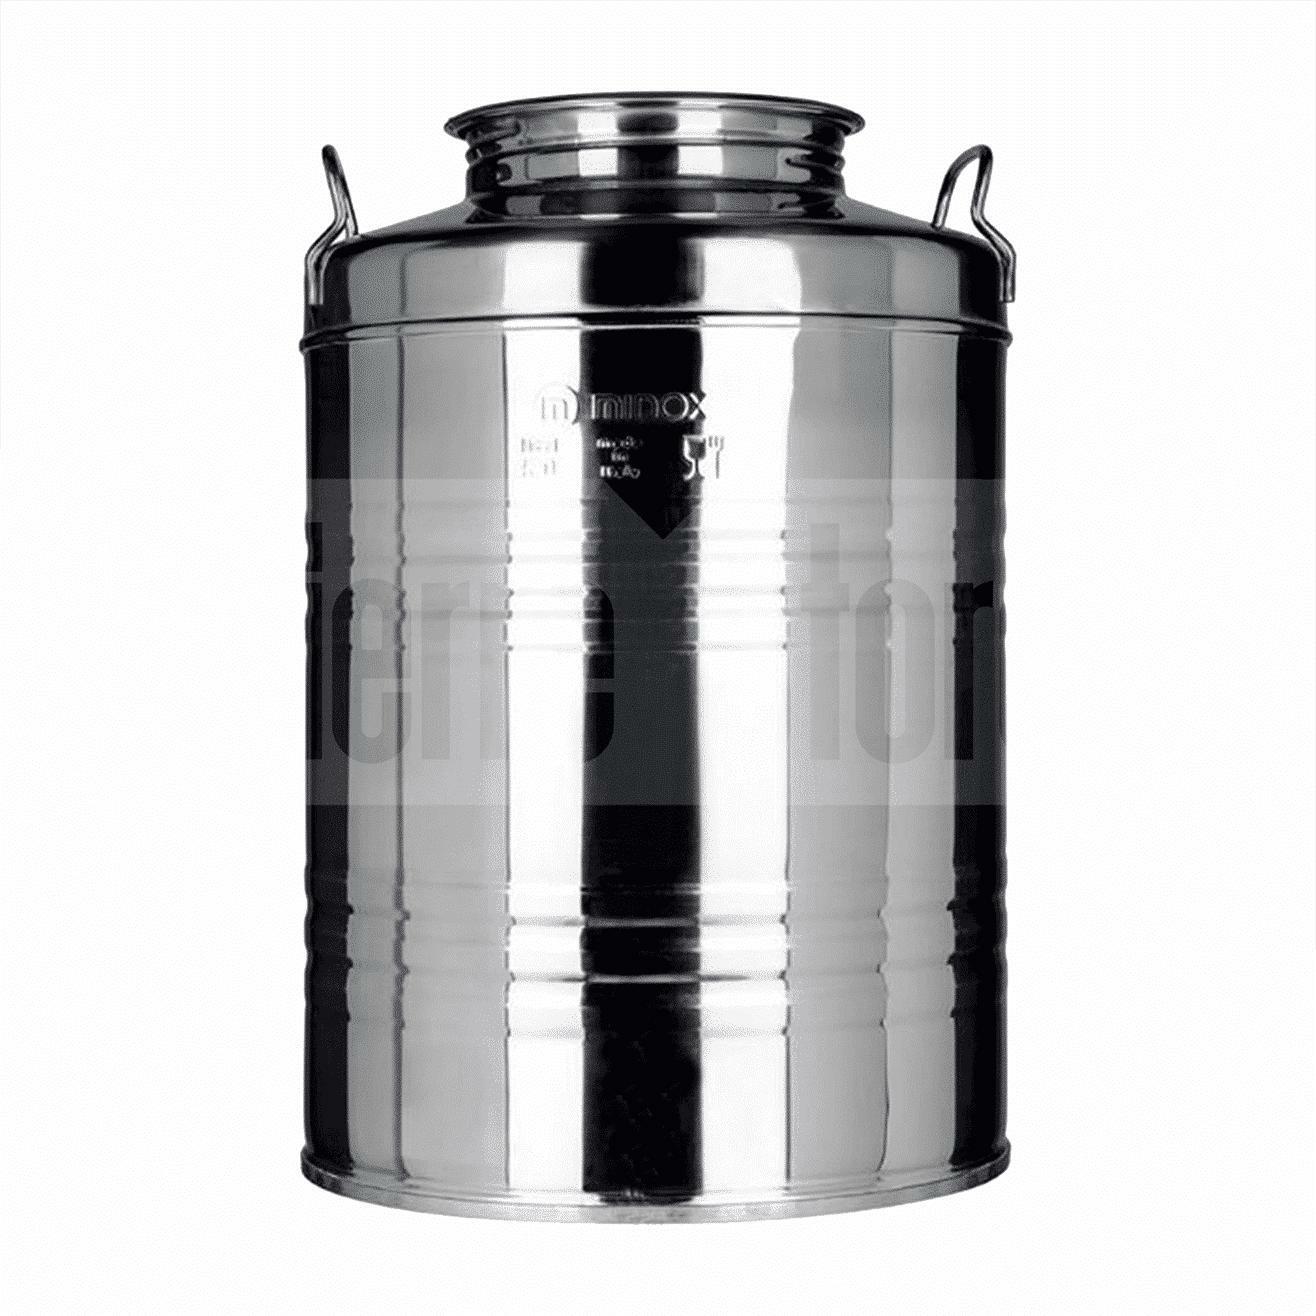 minox contenitore per olio 15l graffato in acciaio inox 18/10